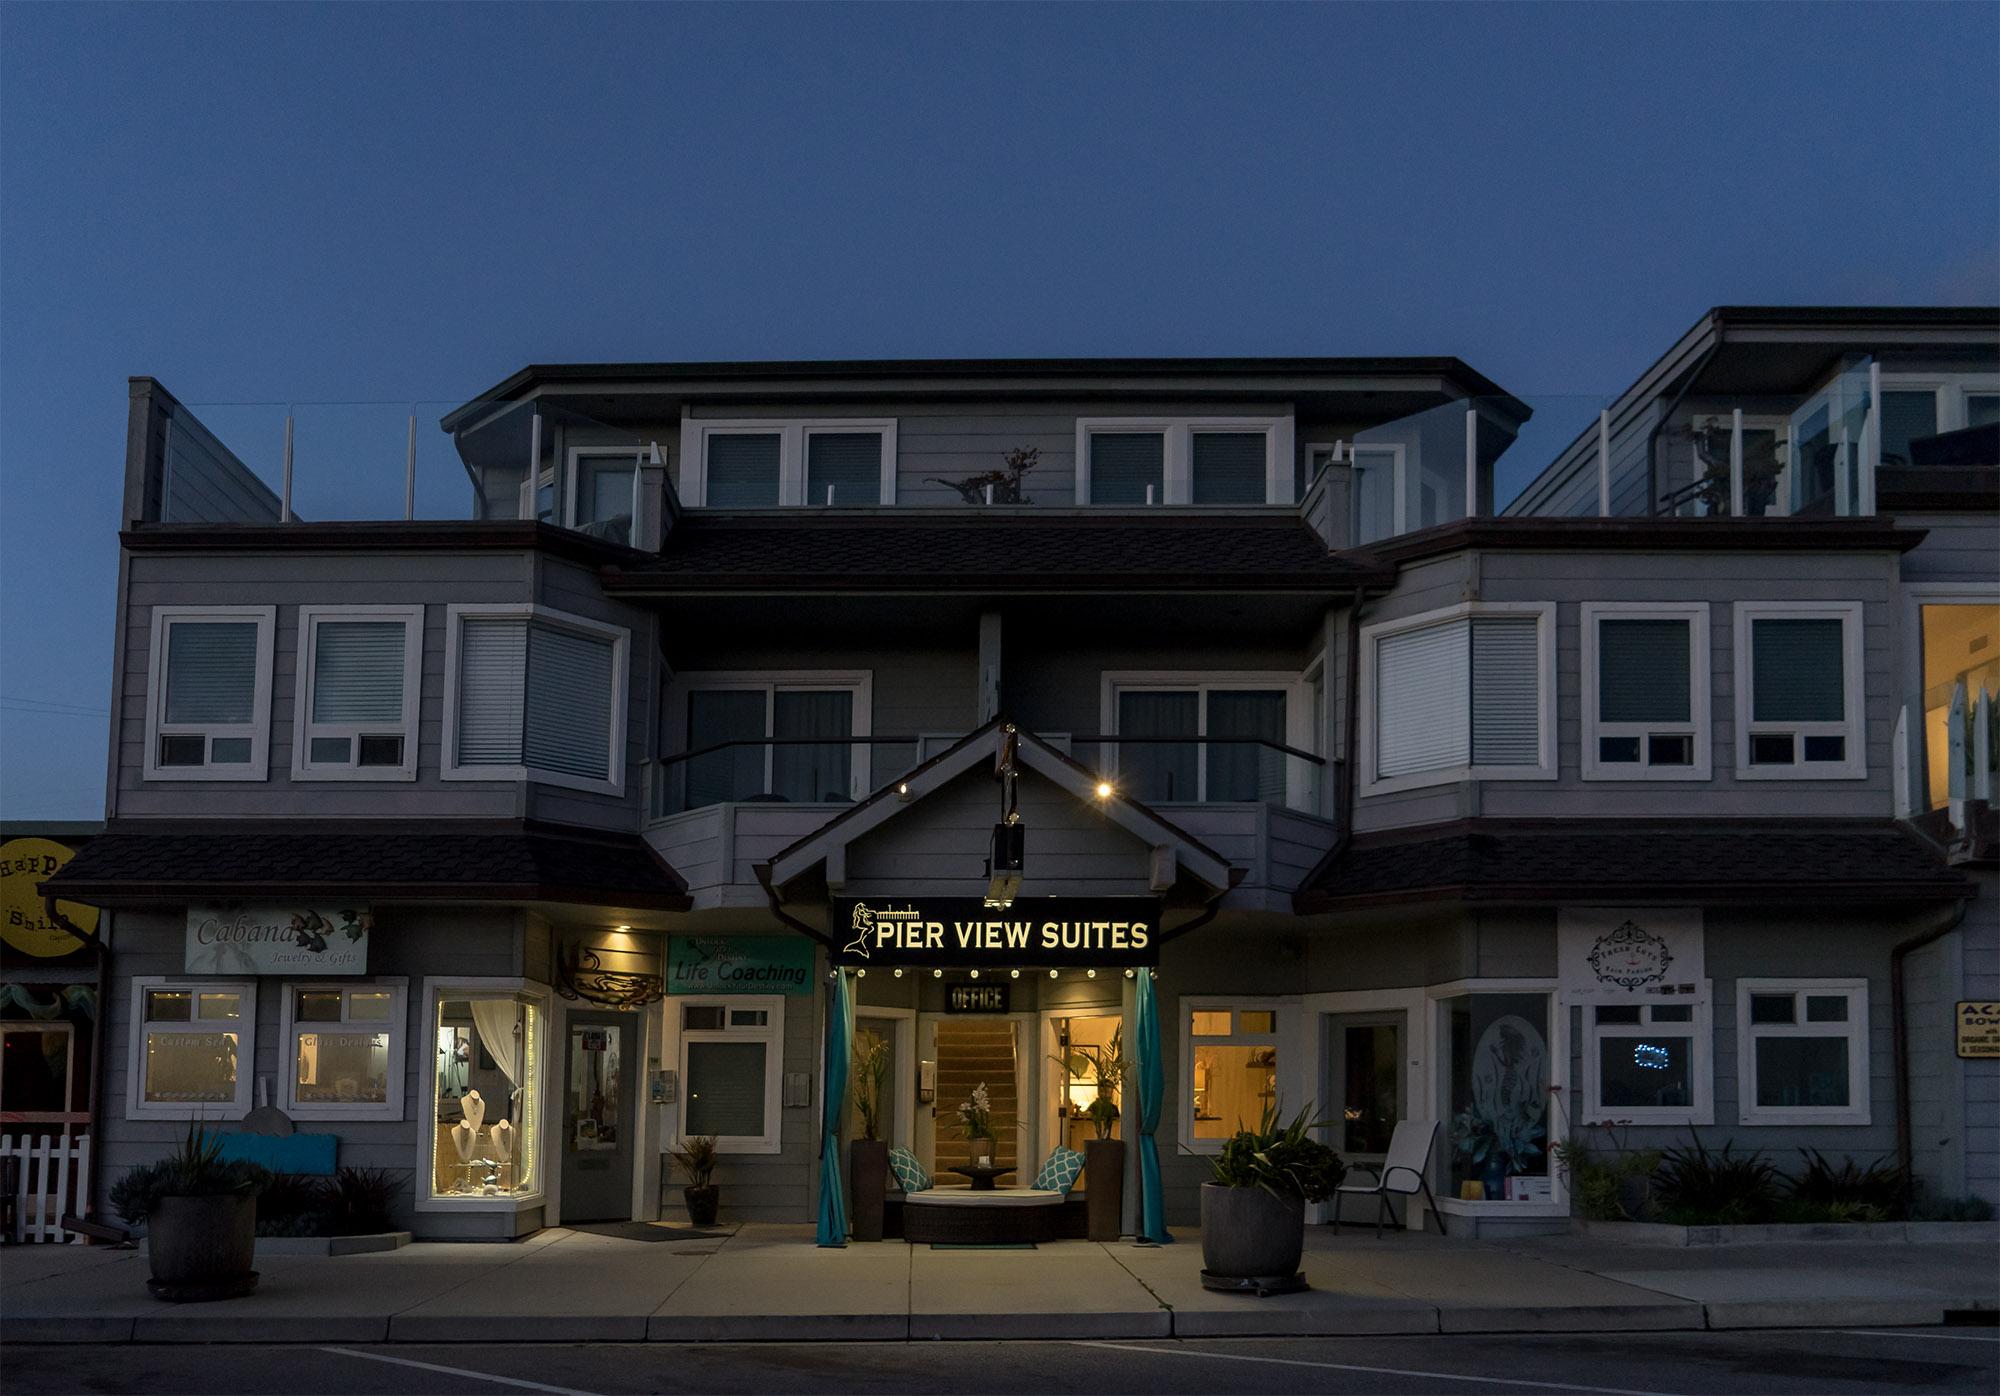 Zwischen Los Angeles und San Francisco: Boutique-Hotel Pier View Suites 13